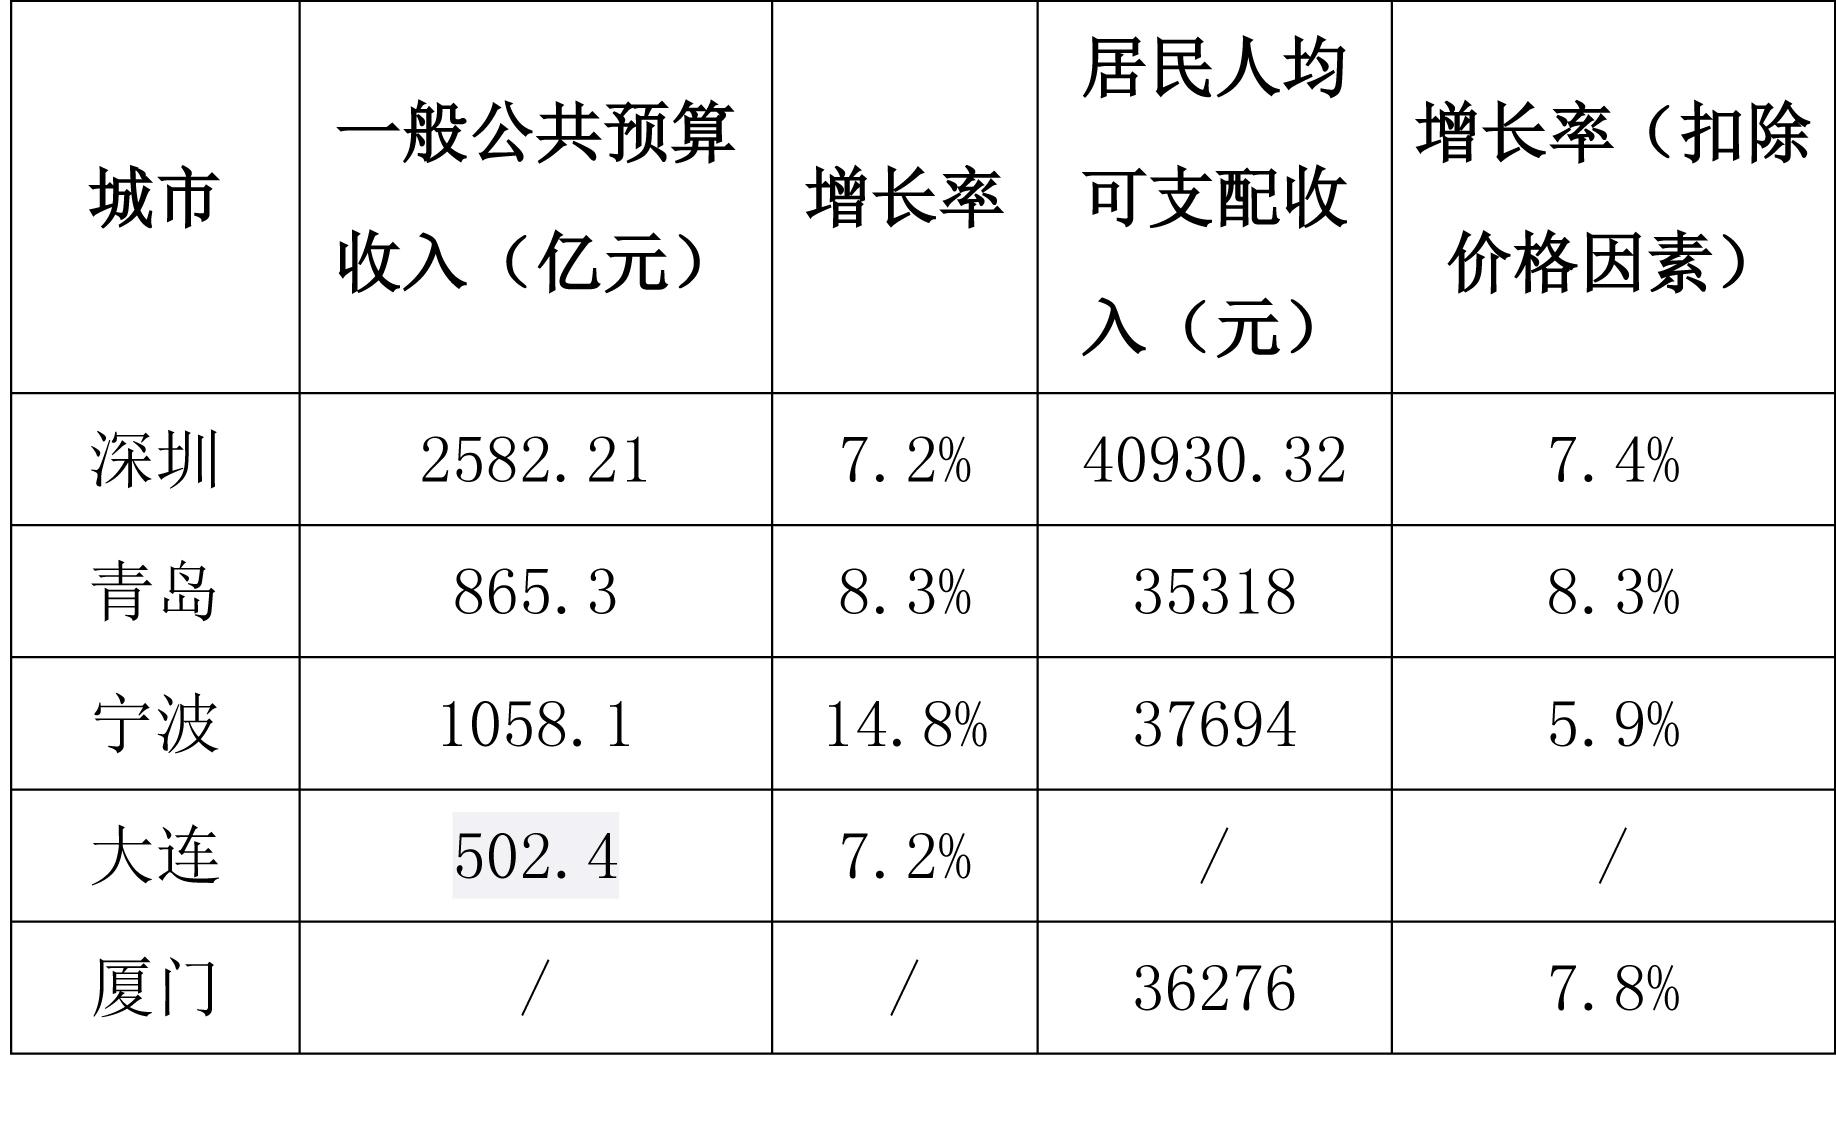 宁波占比gdp_30年发展,宁波和杭州的差距,是不是越来越大(2)